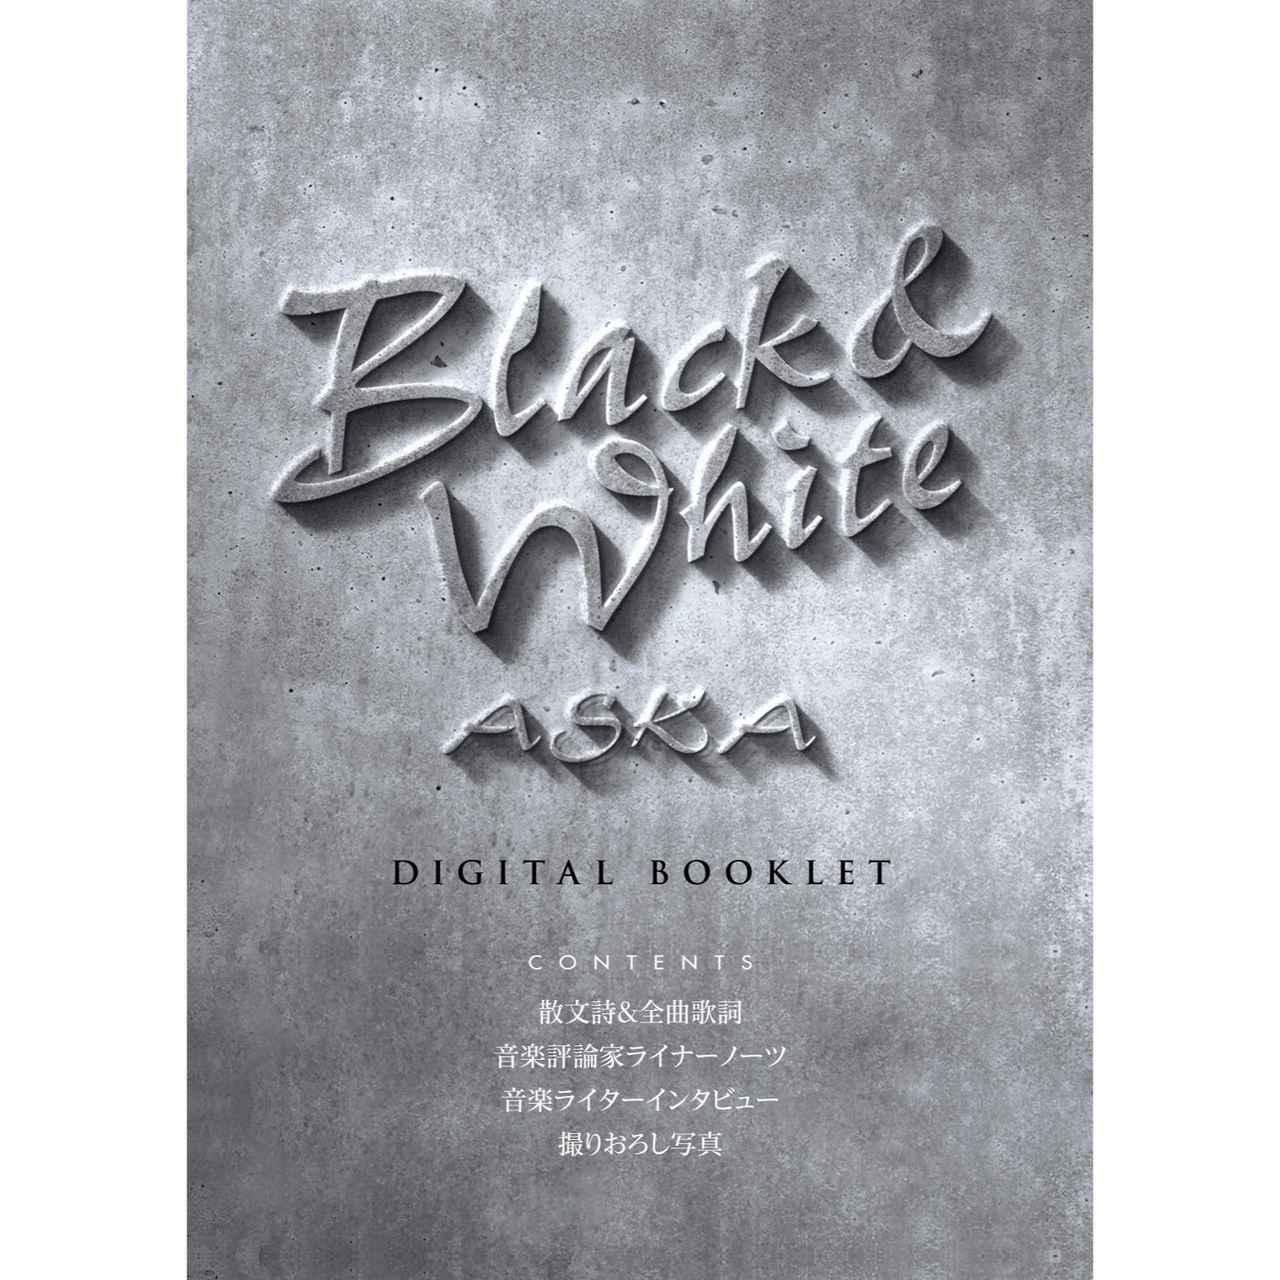 画像: 『Black&White』デジタルブックレット